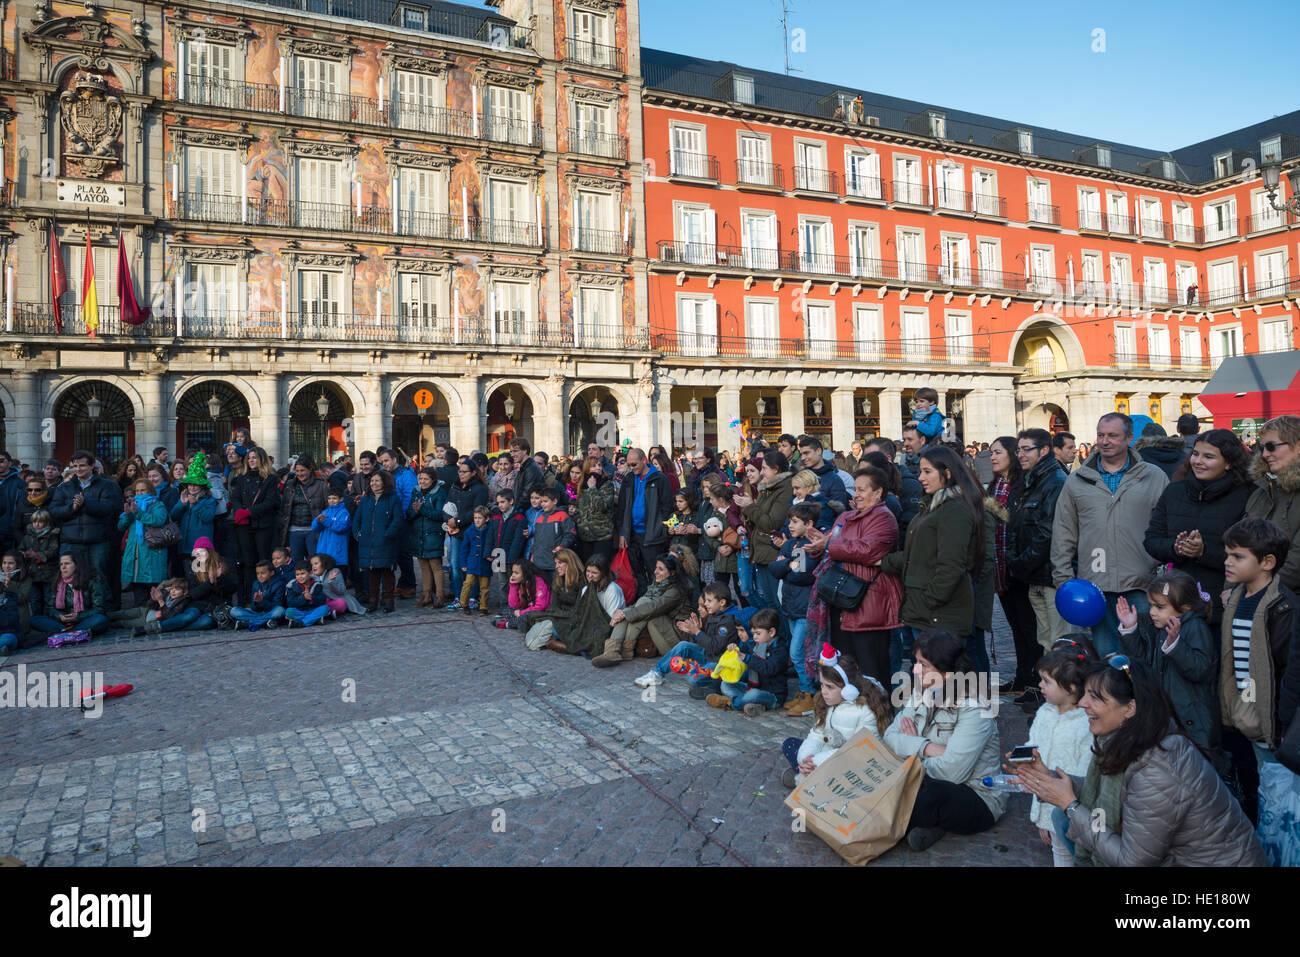 La multitud se reúnen para ver un artista de calle en la Plaza Mayor, Madrid, España. Imagen De Stock